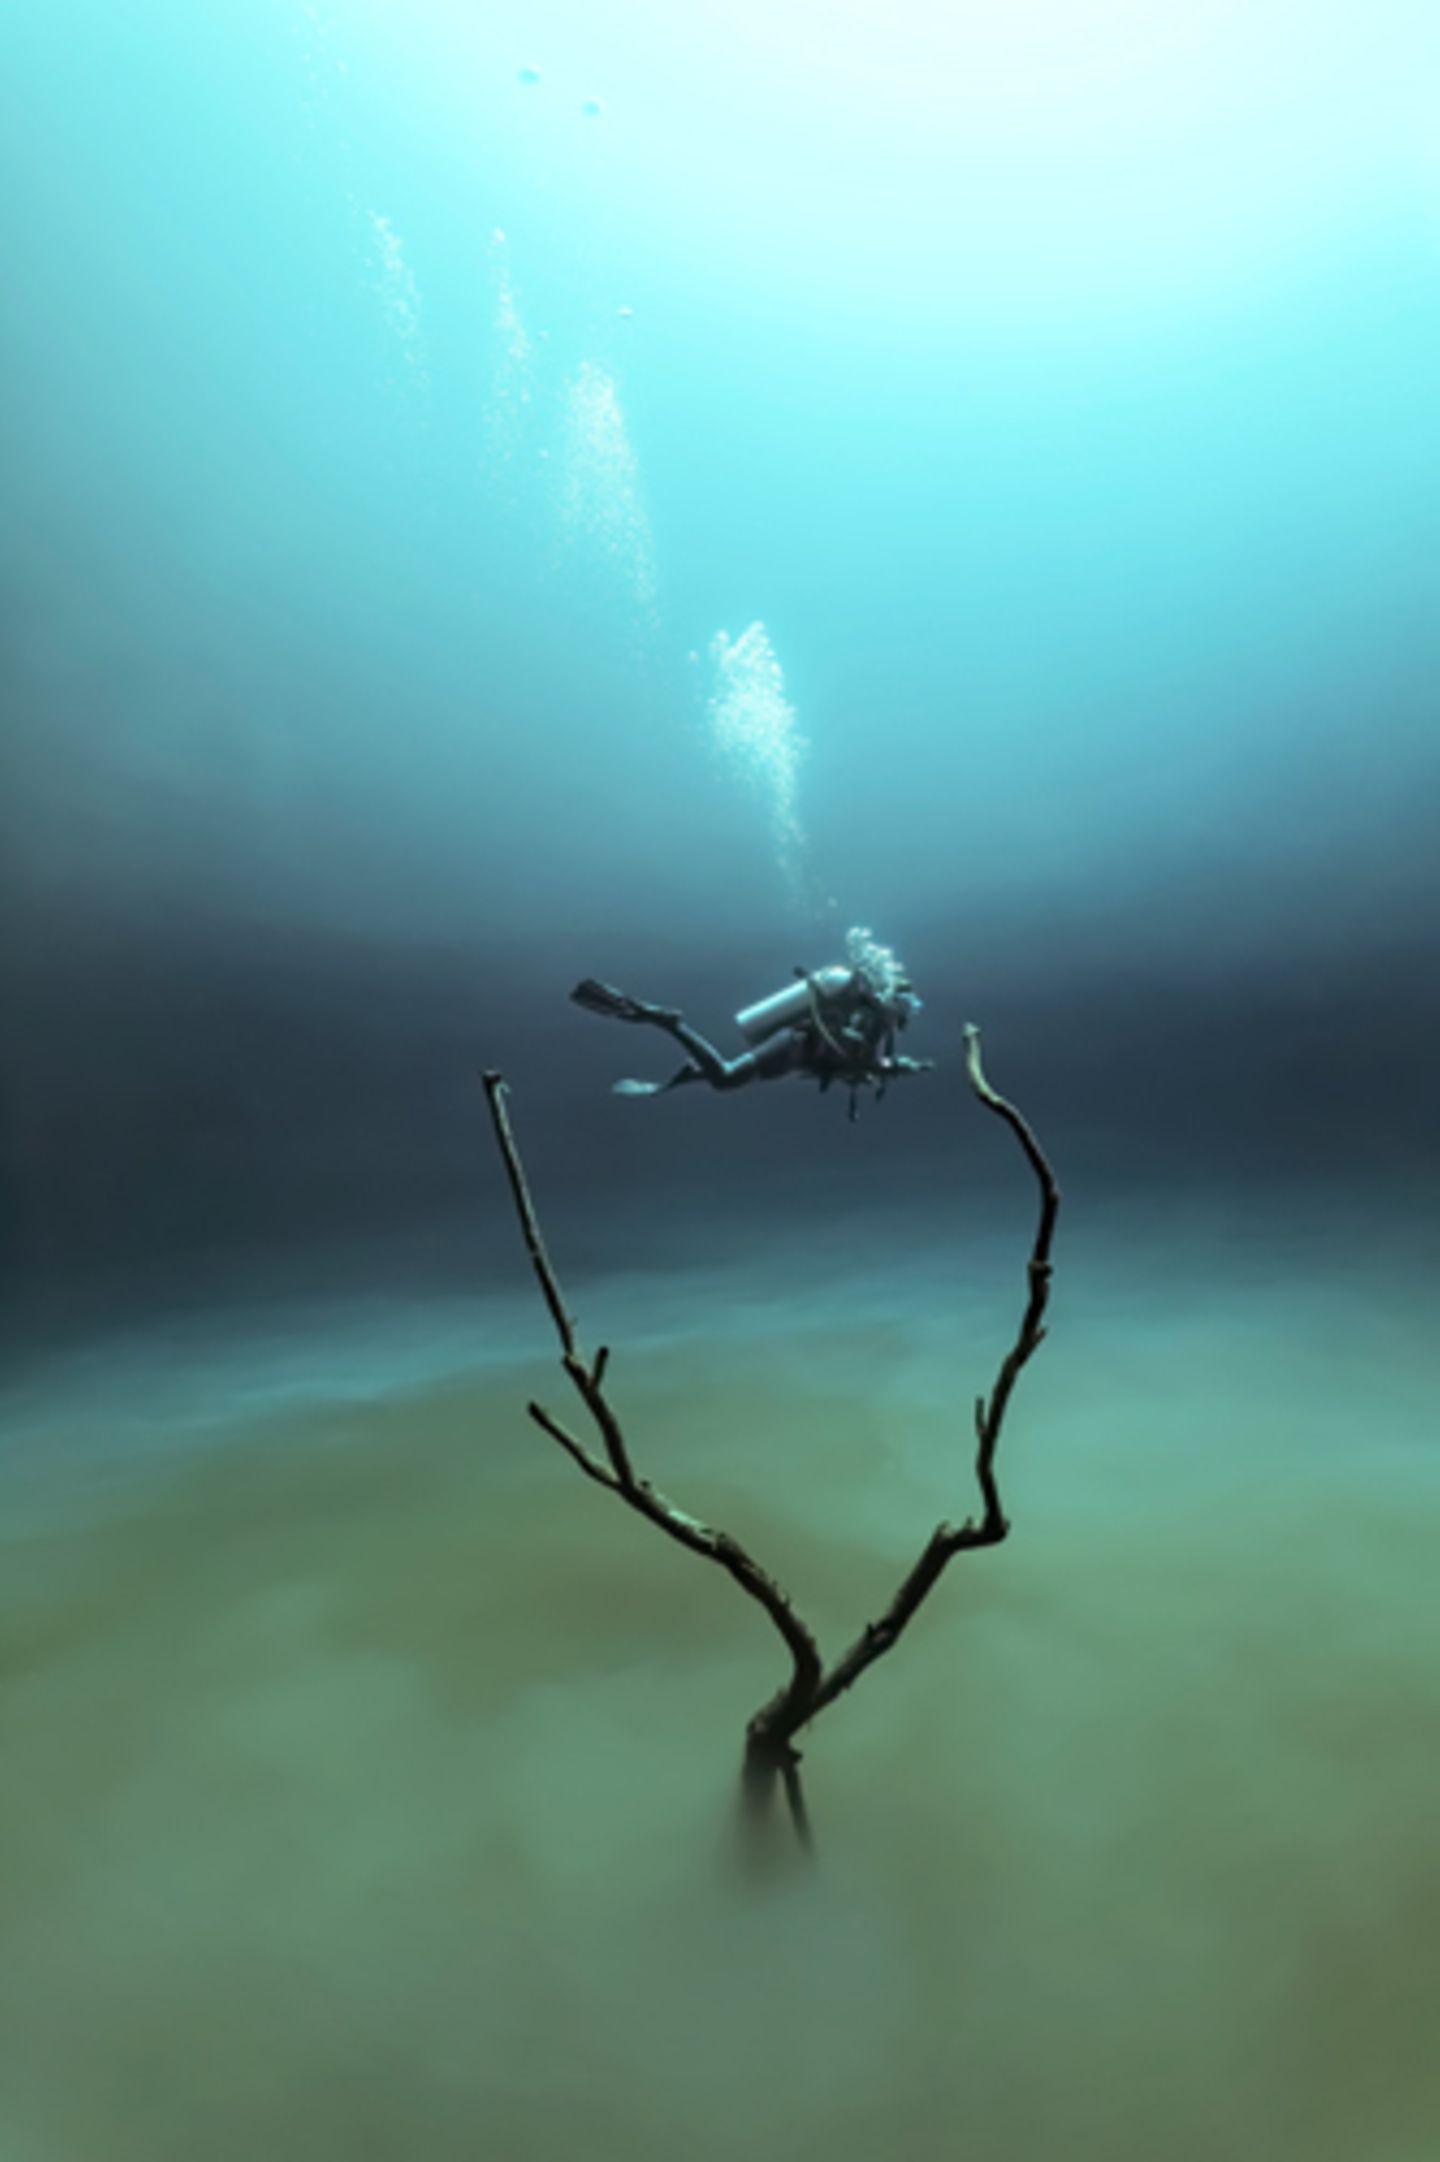 """""""'Angelita"""" von Fabrice Guerin entstand in einer Unterwasserhöhle, die in 30 Meter Tiefe eine Schicht auf Wasserstoffsulfit hat. """"Die Atmosphäre ist ähnlich wie die einer Mondlandschaft. Als ich diese Taucherin zwischen den Zweigen eines Baumes sah, hatte ich alle Zutaten für ein surreales Unterwasserfoto beisammen"""", so der Fotograf über das Bild. www.upylondon.com"""